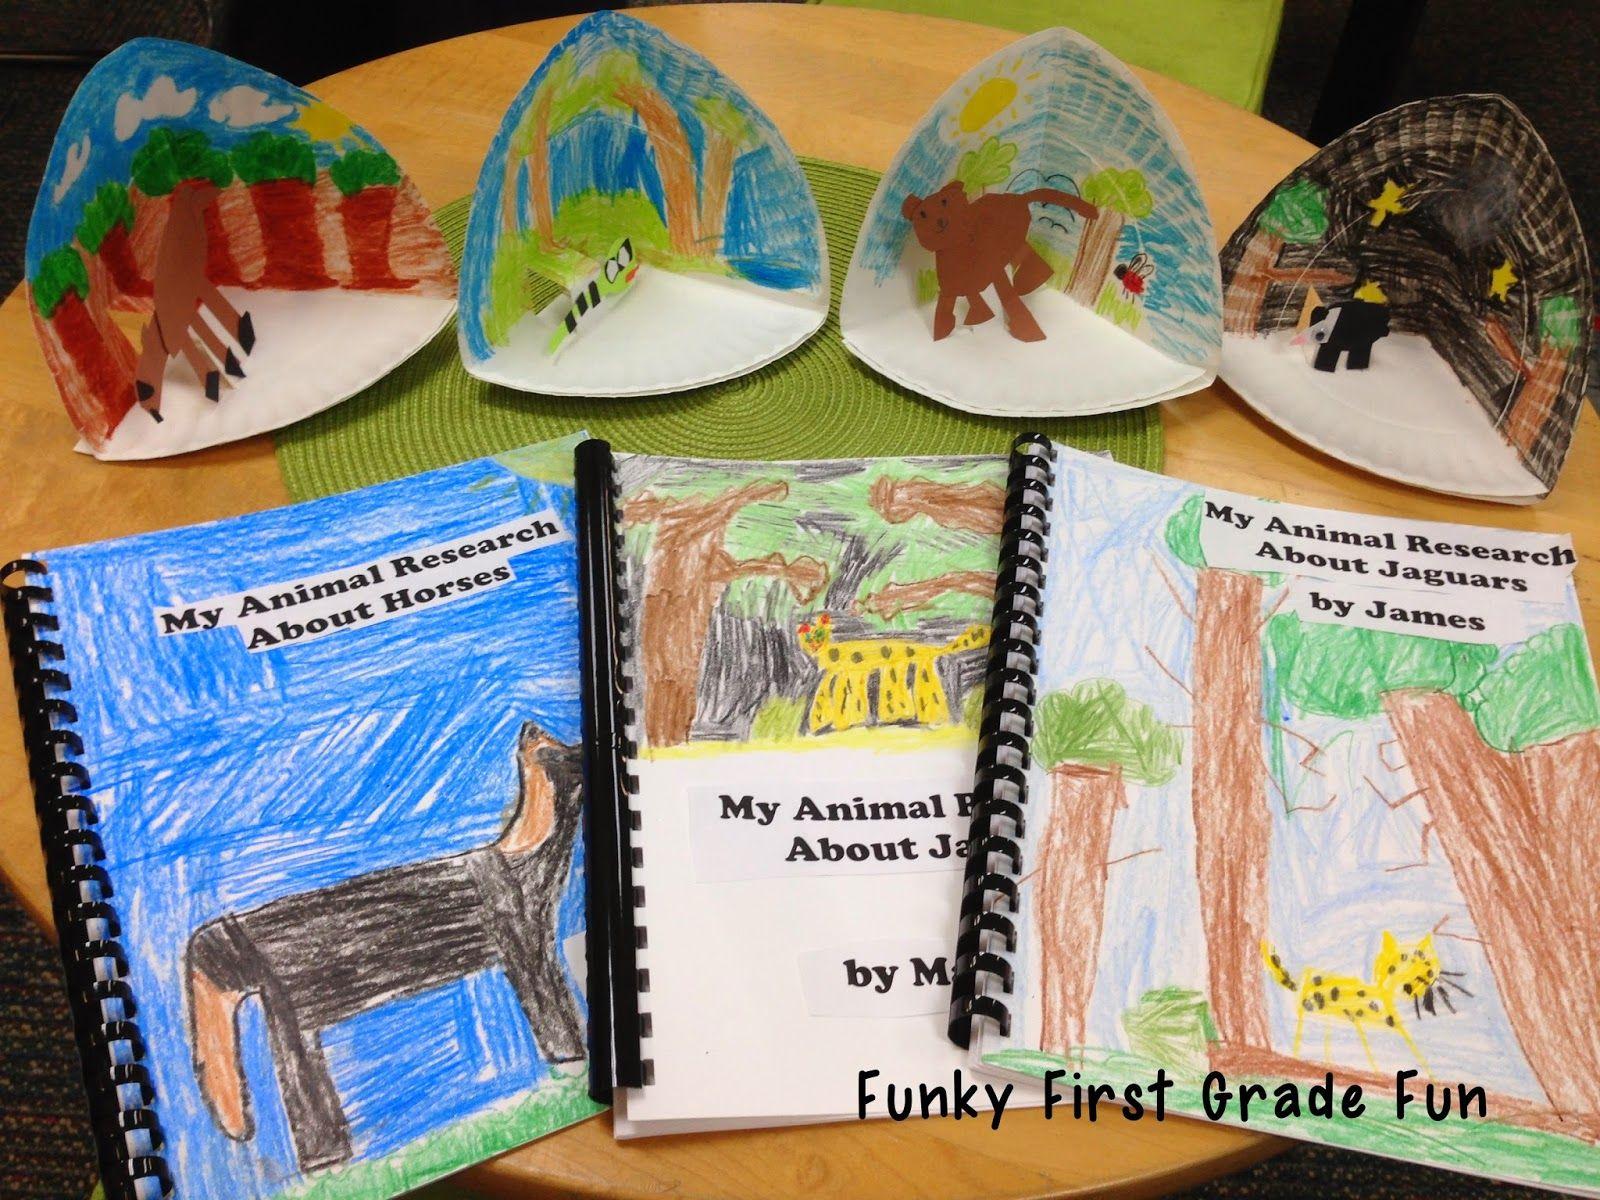 Zoohoo Funky First Grade Fun